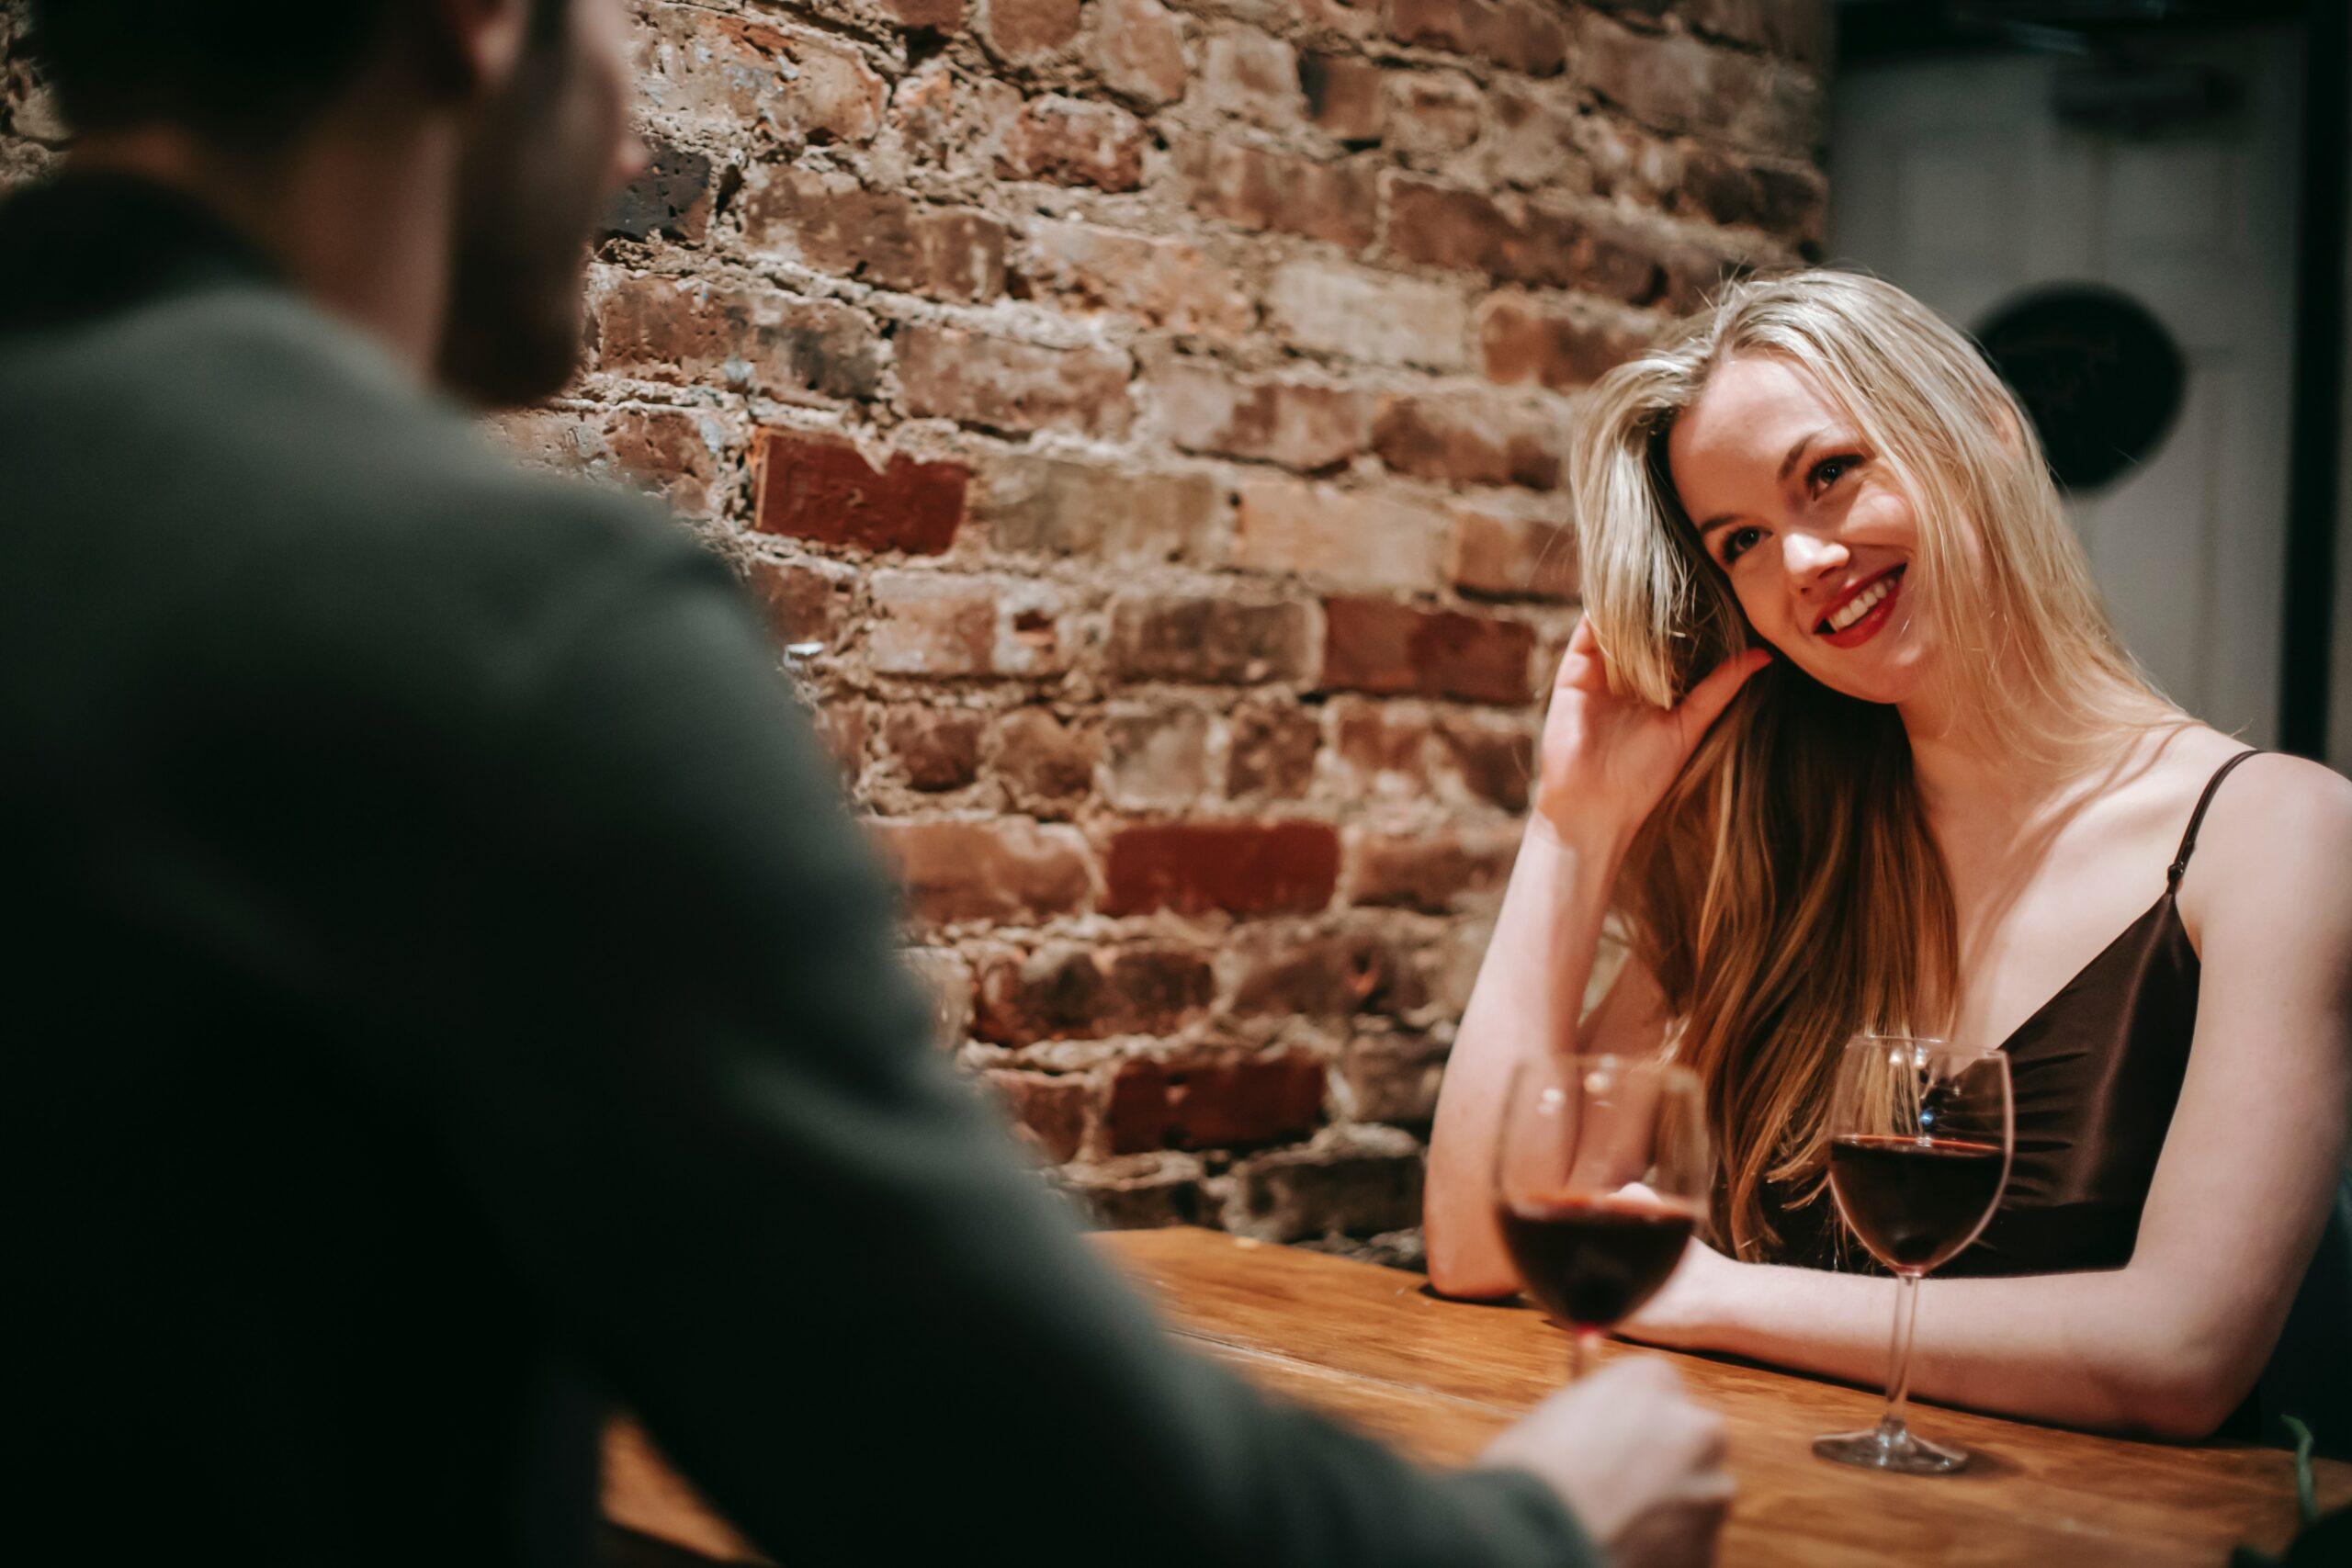 primo appuntamento - come capire se siete compatibili